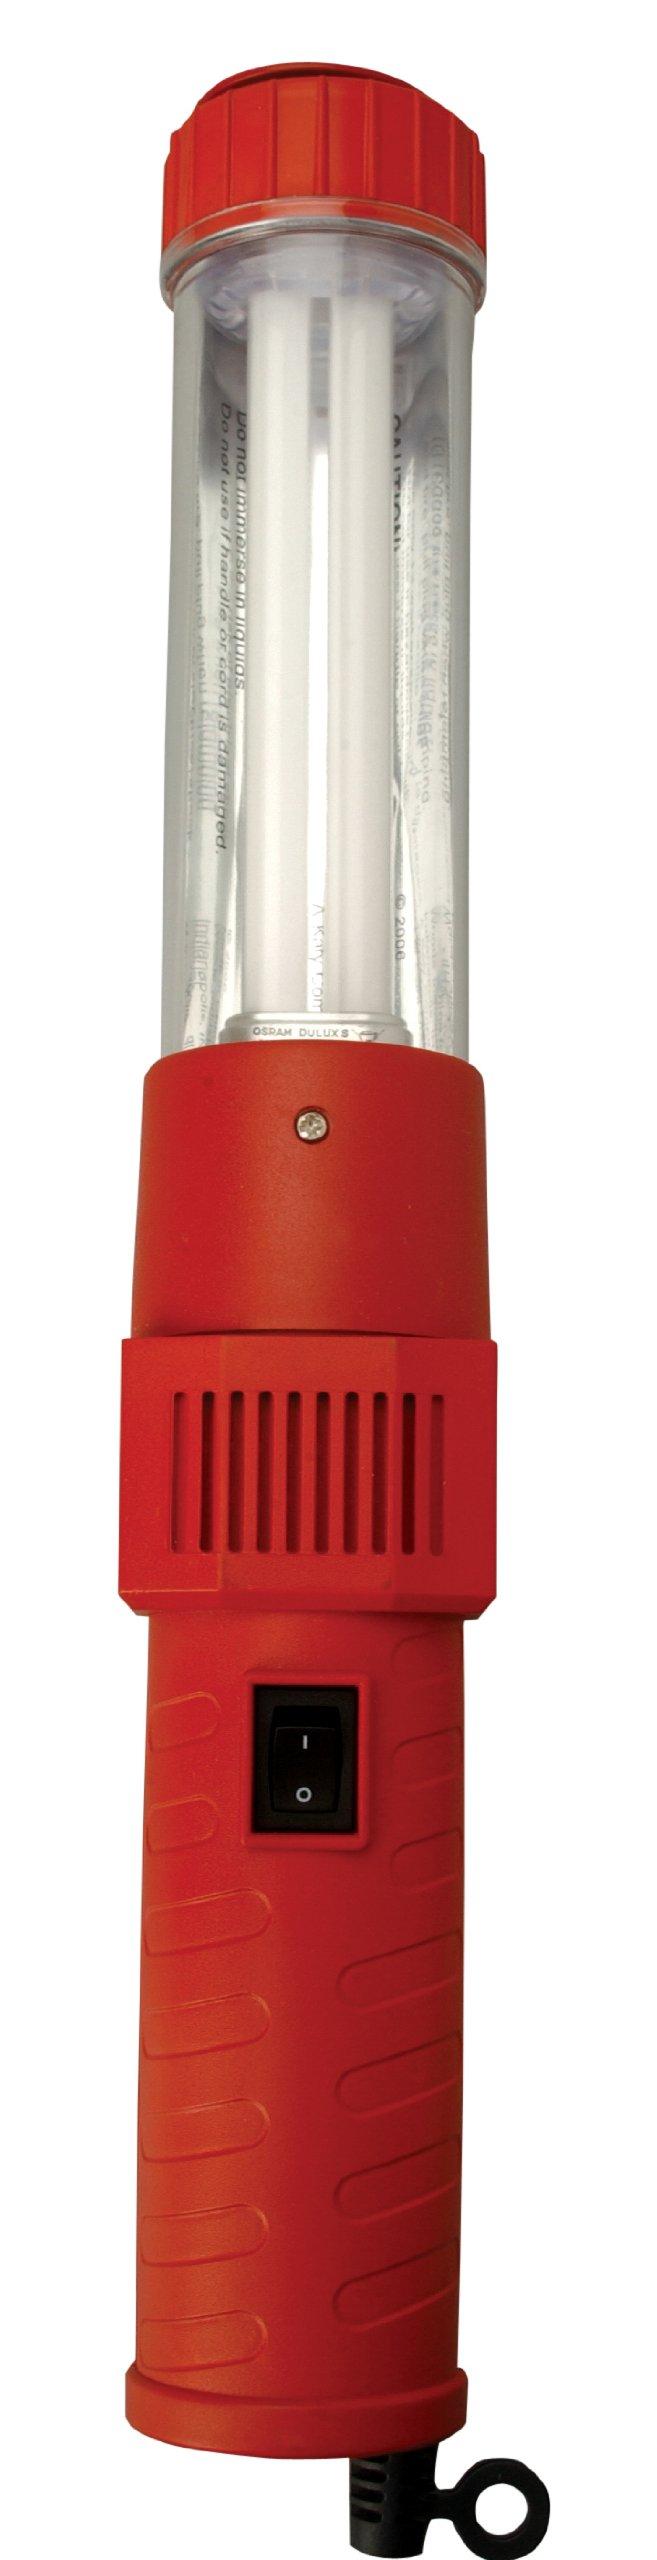 Woods 48044 18/2-Gauge SJTW 13-Watt Fluorescent Work Light, Red, 18-Inch